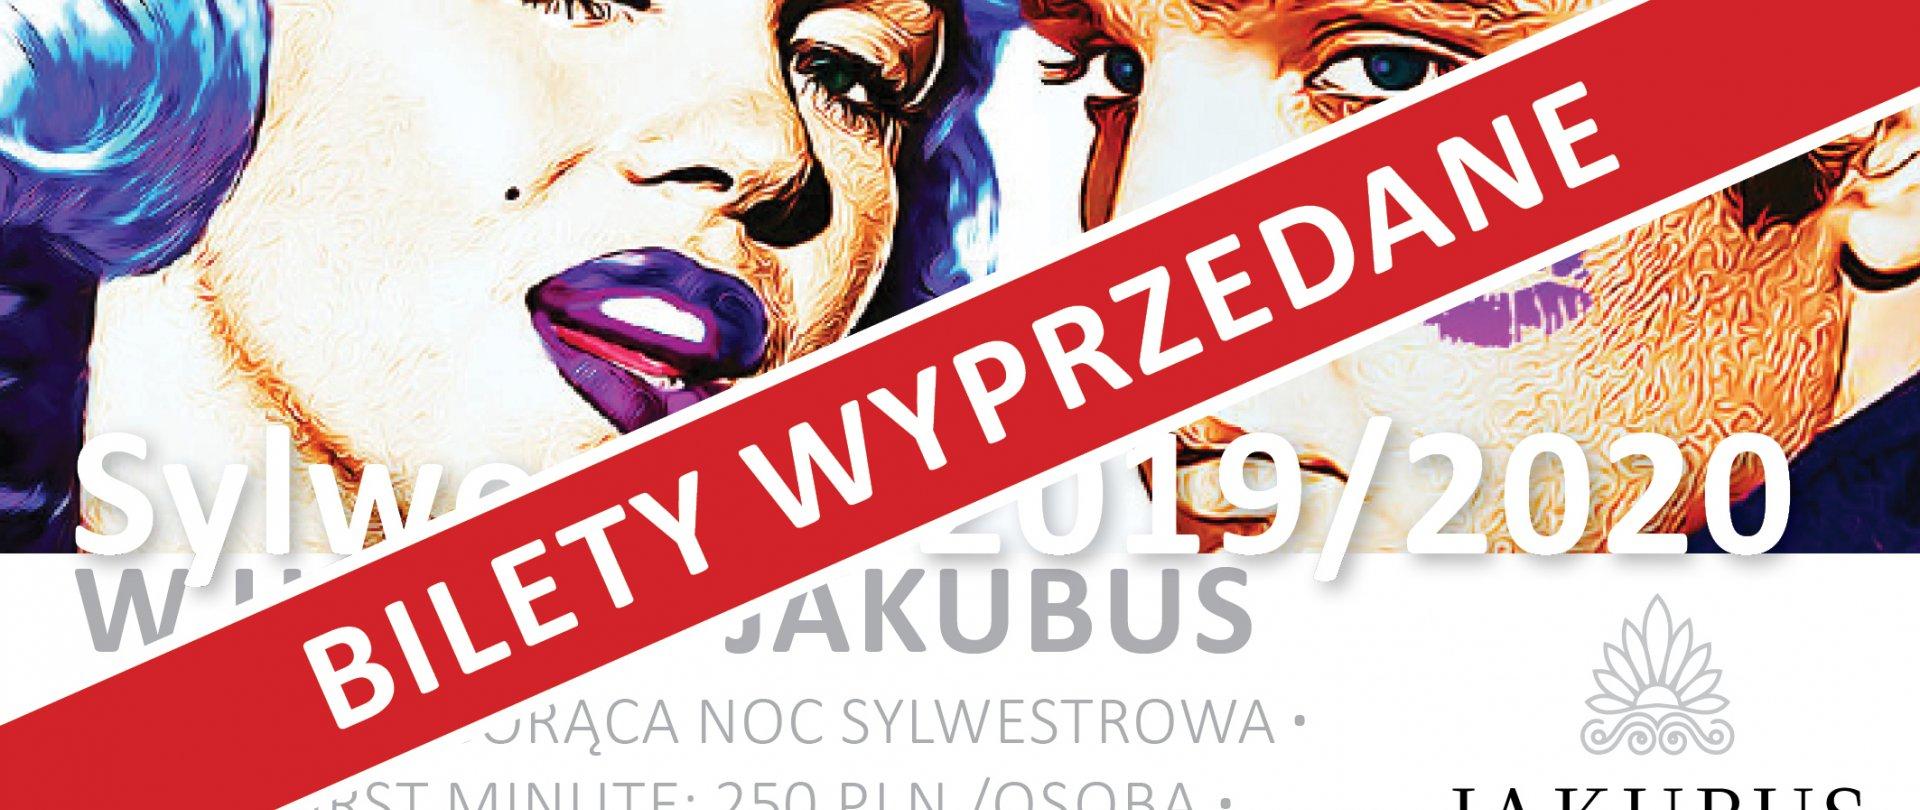 BILETY NA SYLWESTRA WYPRZEDANE! 31.12